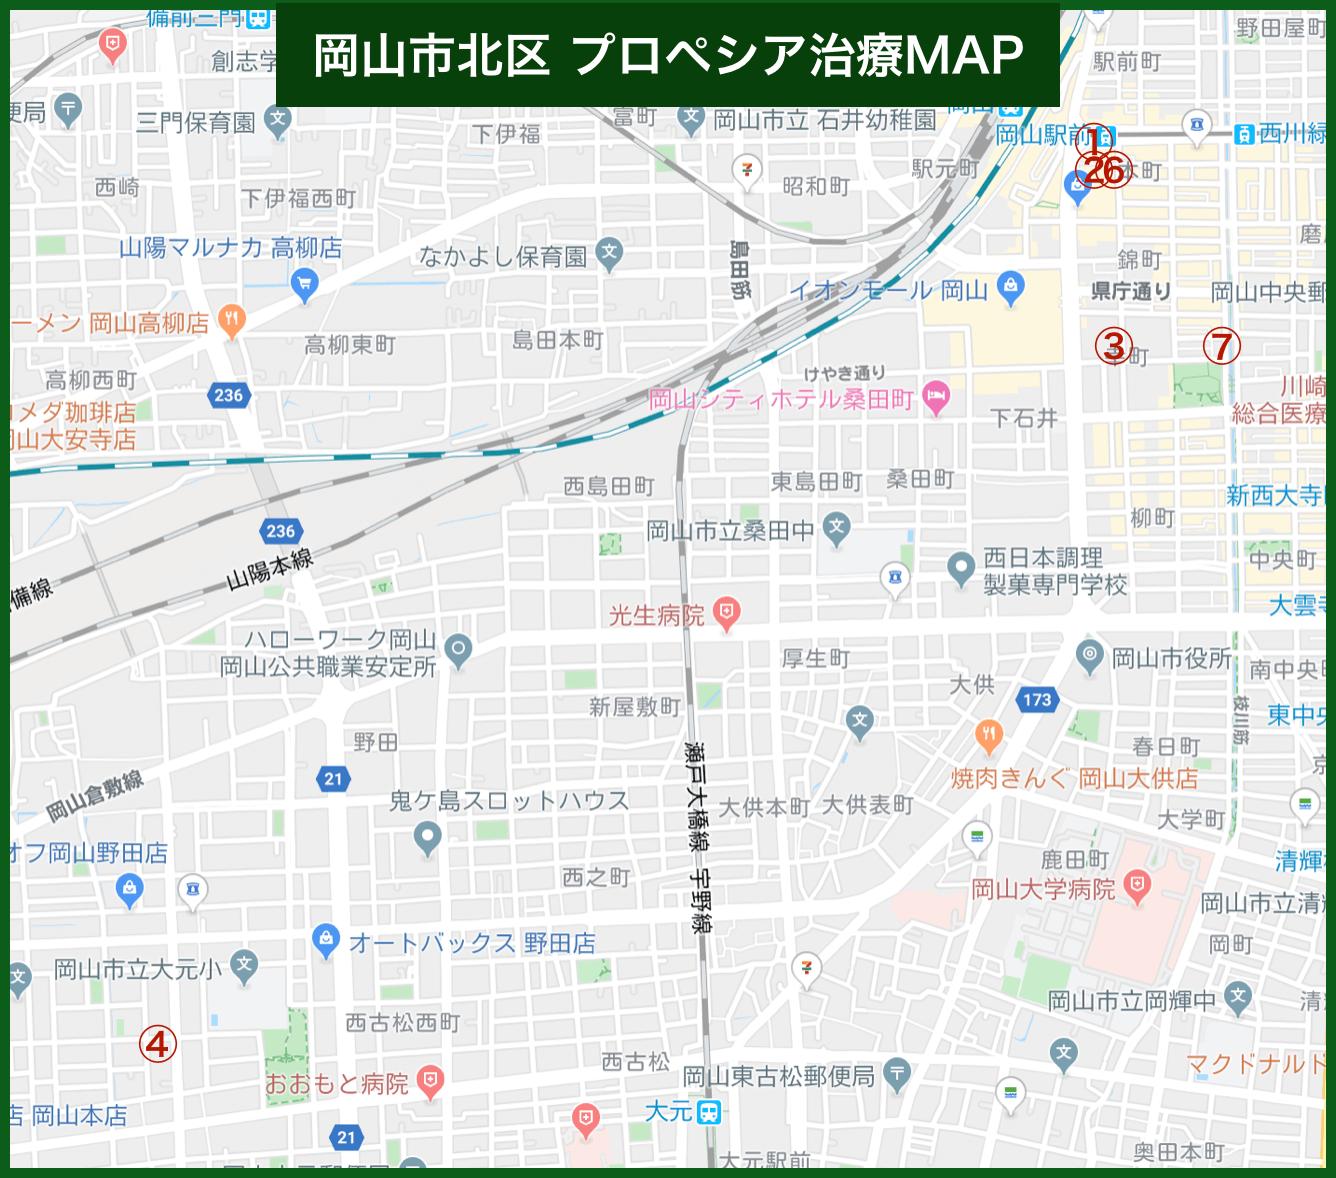 岡山市北区 プロペシア治療MAP